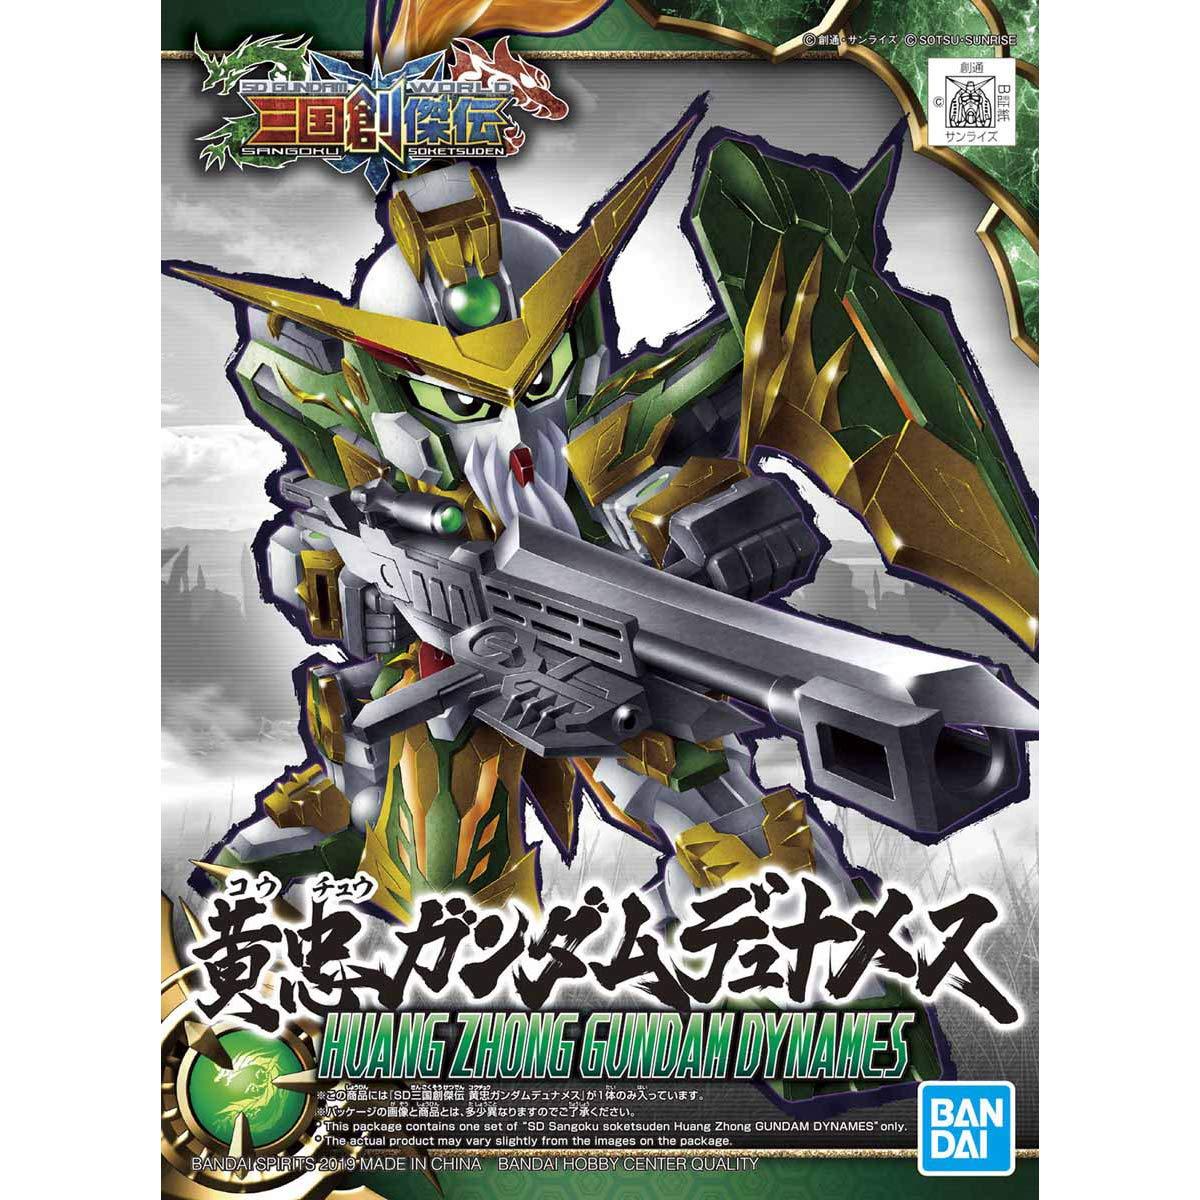 Huang Zhong Gundam Dynames